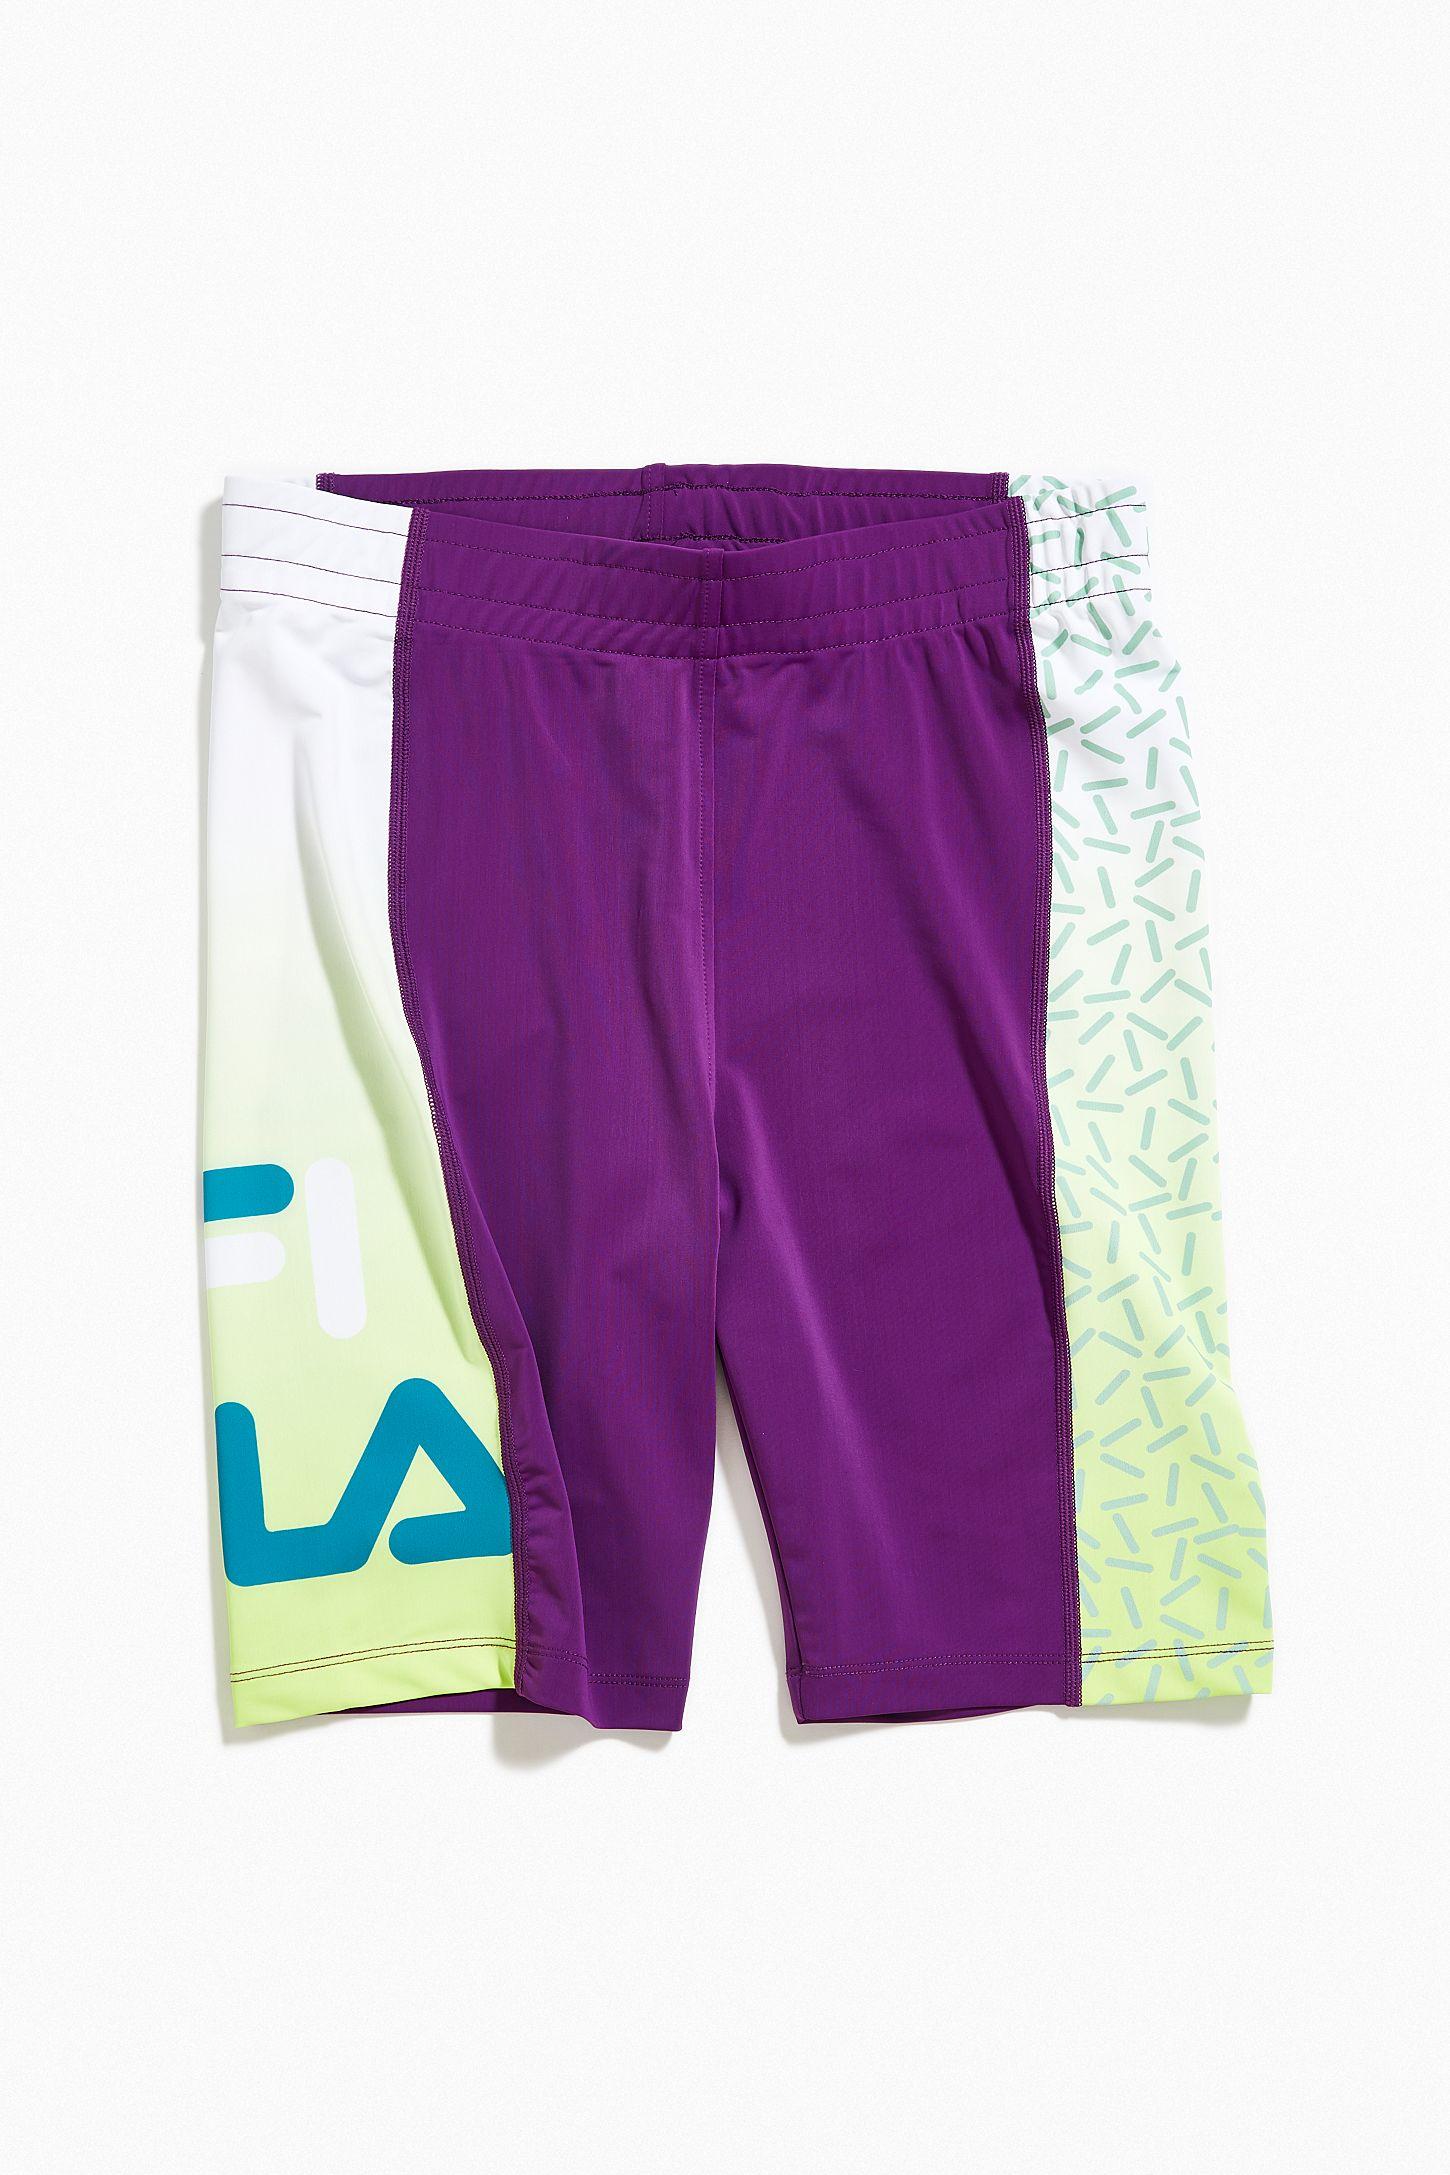 rabat butik stort salg outlet til salg FILA UO Exclusive Purple Bike Short